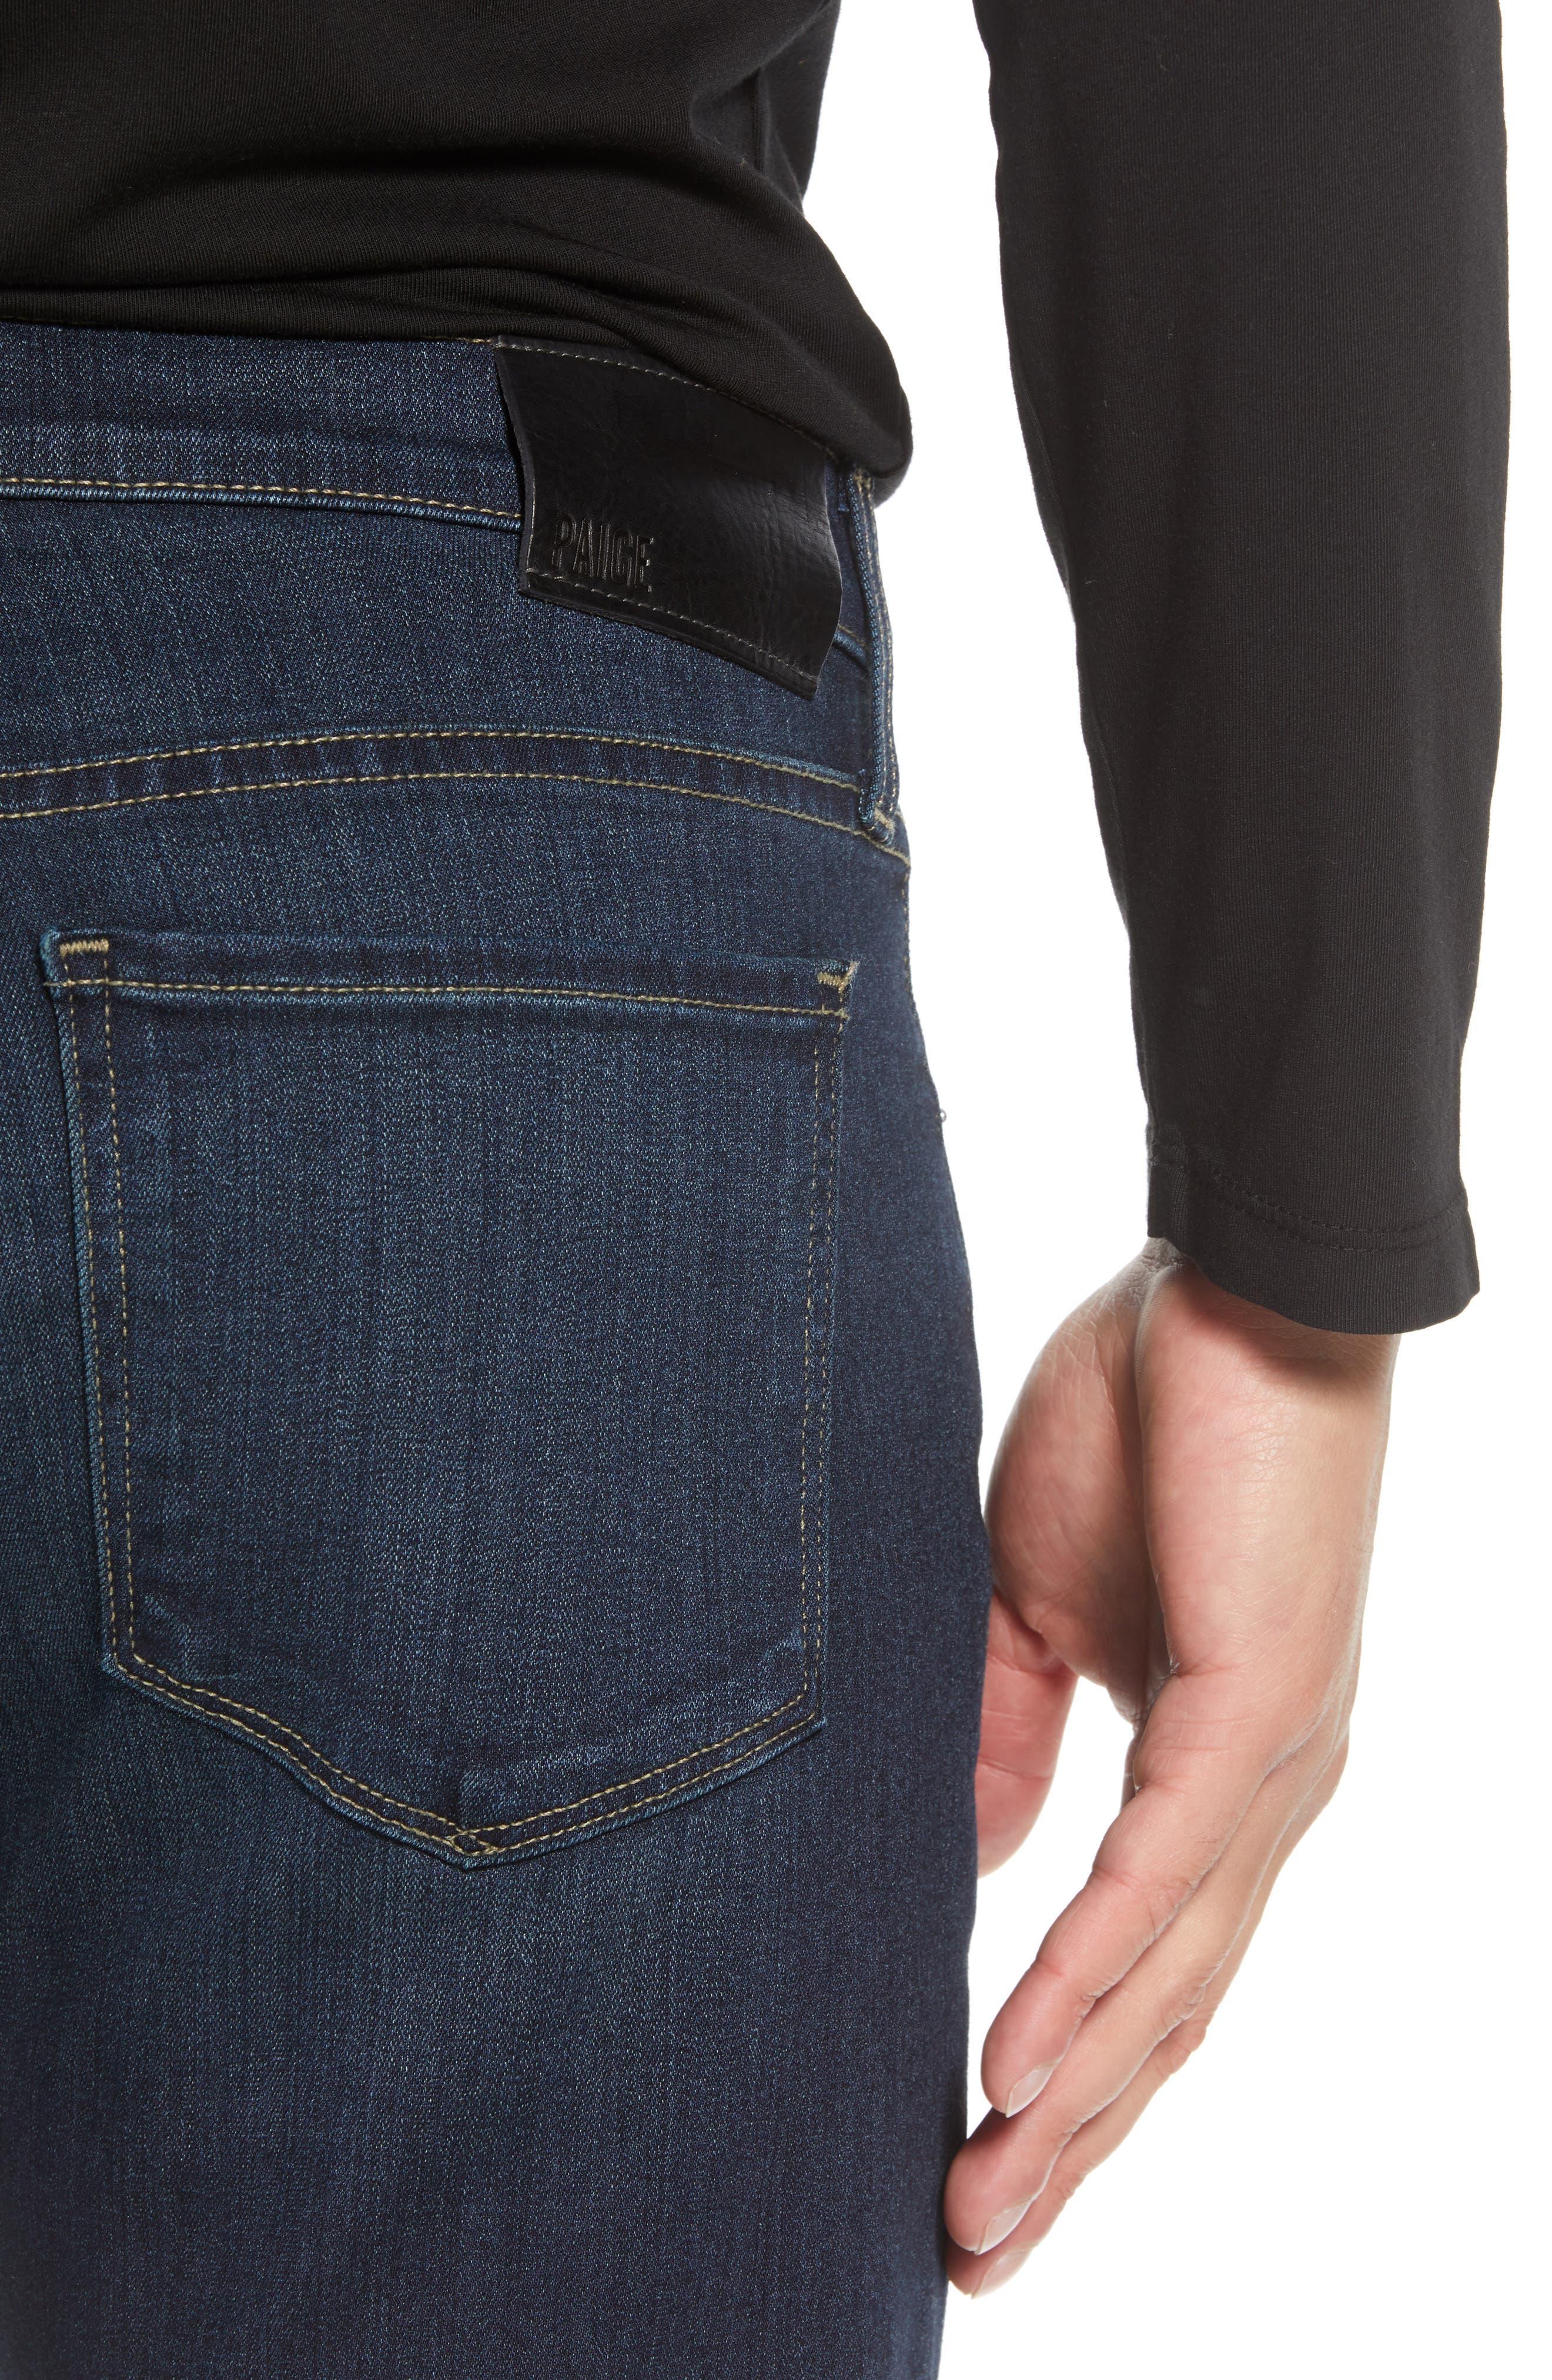 Transcend – Lennox Slim Fit Jeans,                             Alternate thumbnail 4, color,                             HALE